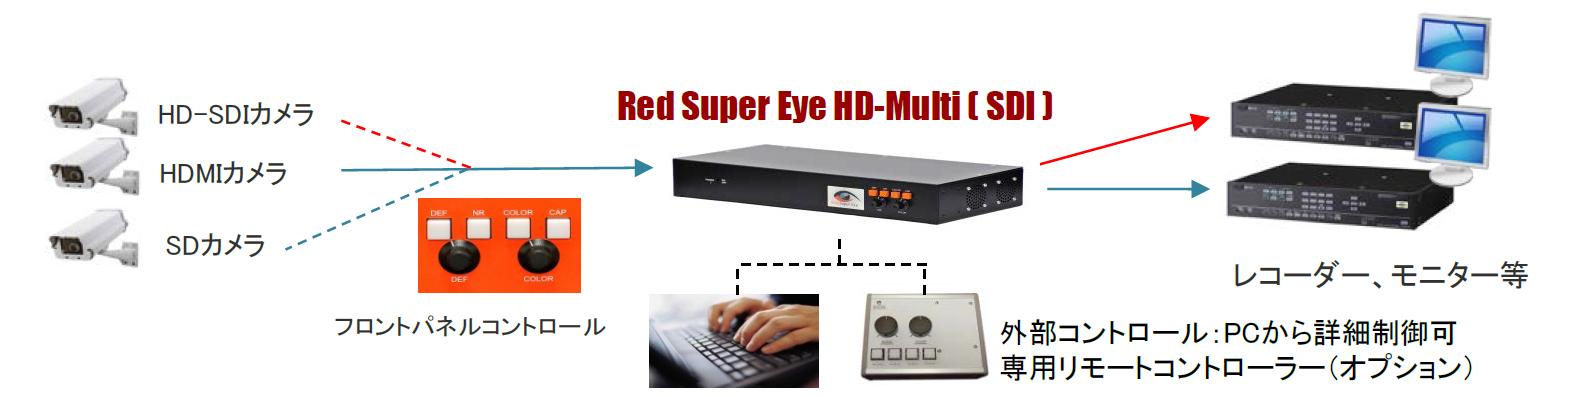 RSE-HDSD-S_2